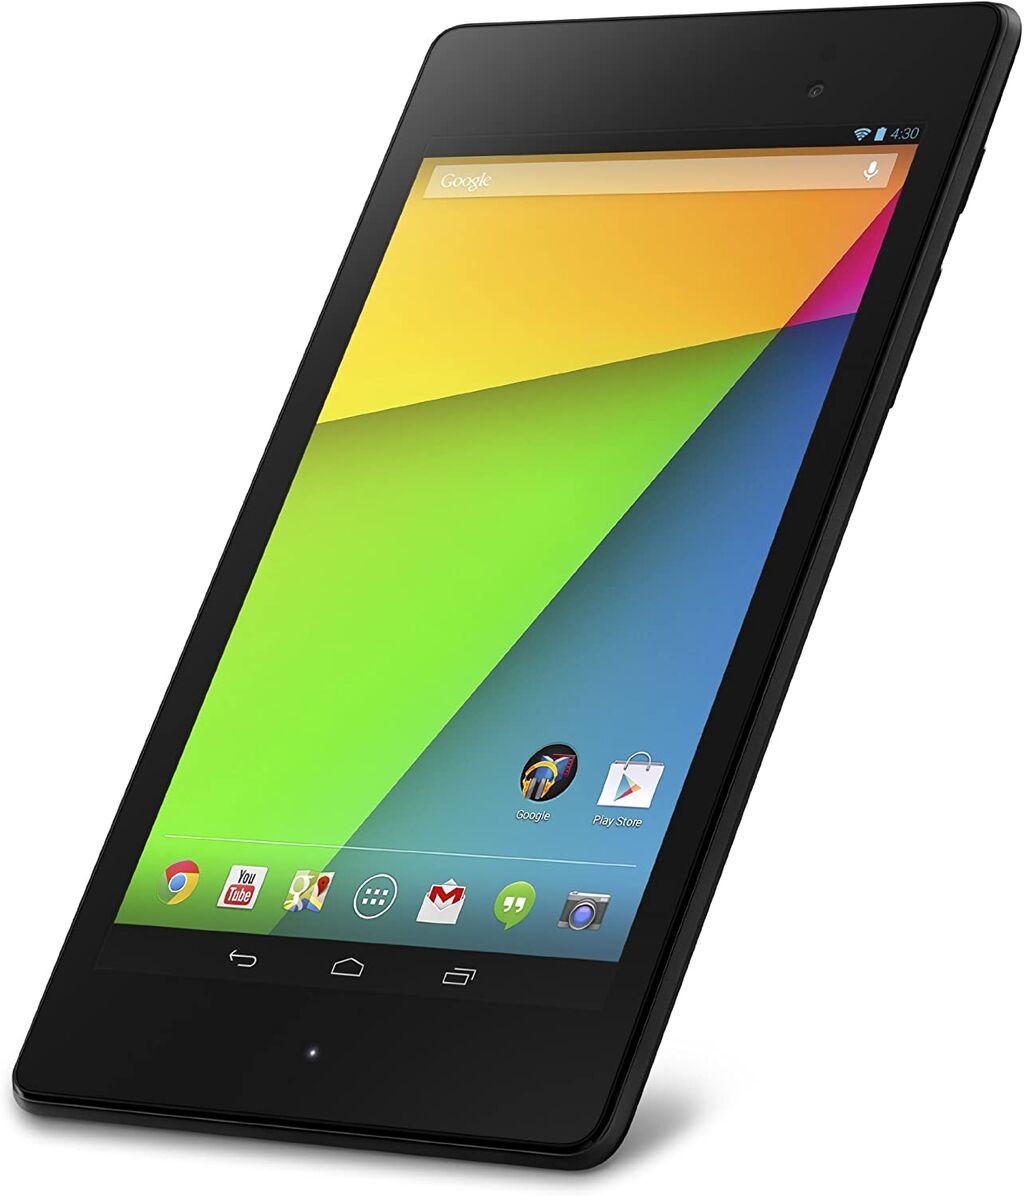 【悲報】Googleさん、「Android 7.1.1」以前の古いスマホを容赦なく切り捨てる・・・2021年8月末で使用制限へ